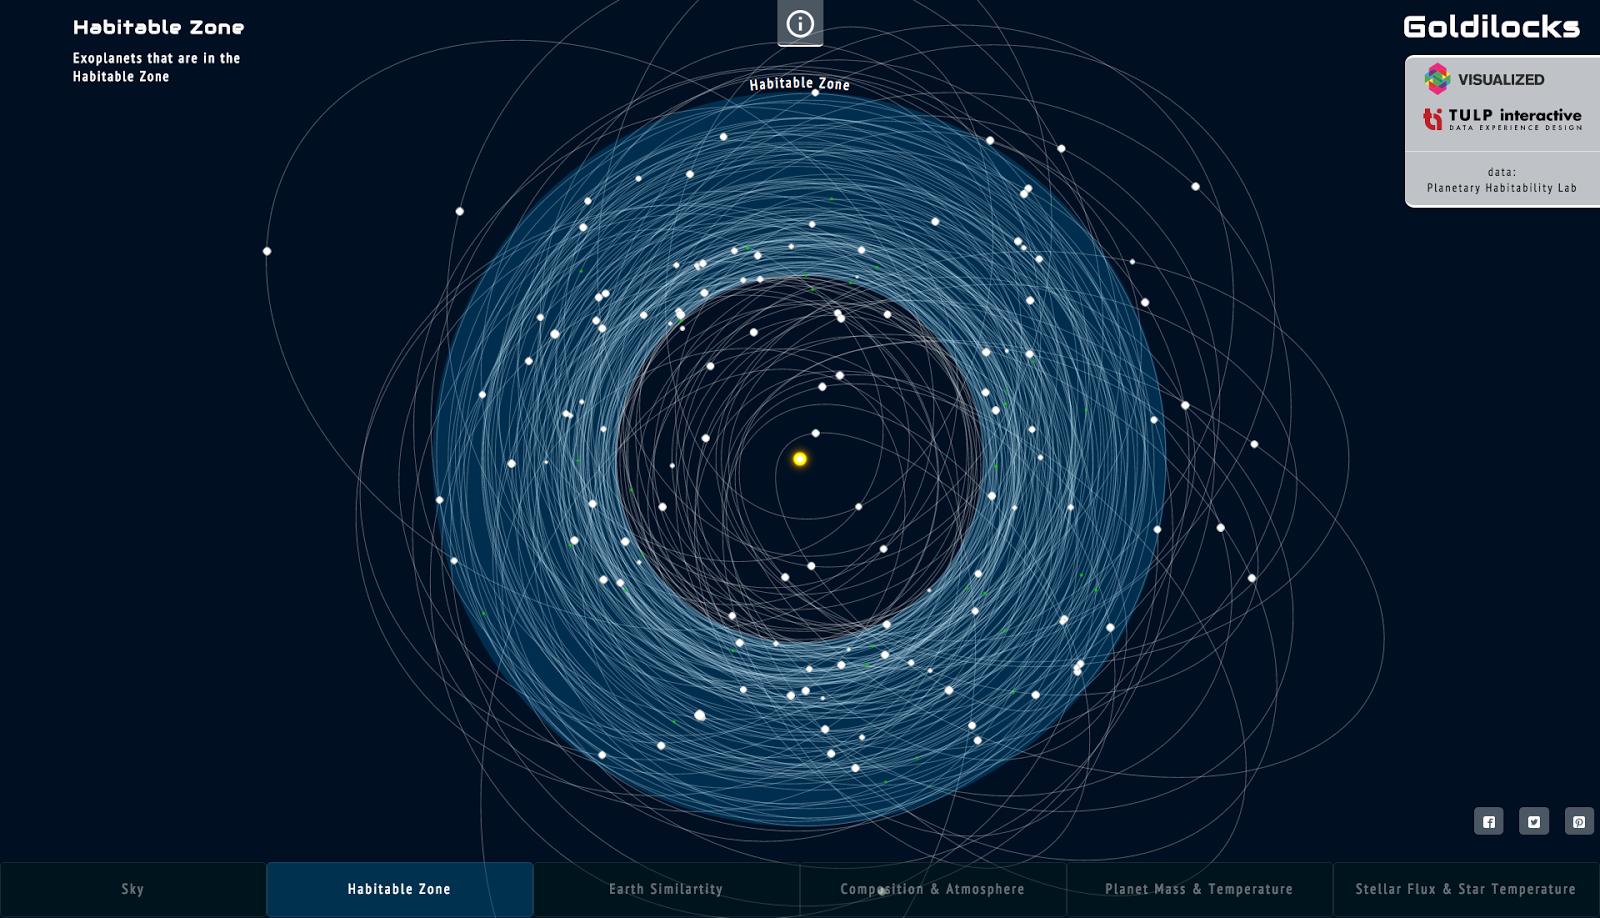 Güneş Sisteminin Gaz Devleri: Meraklı Gerçekler